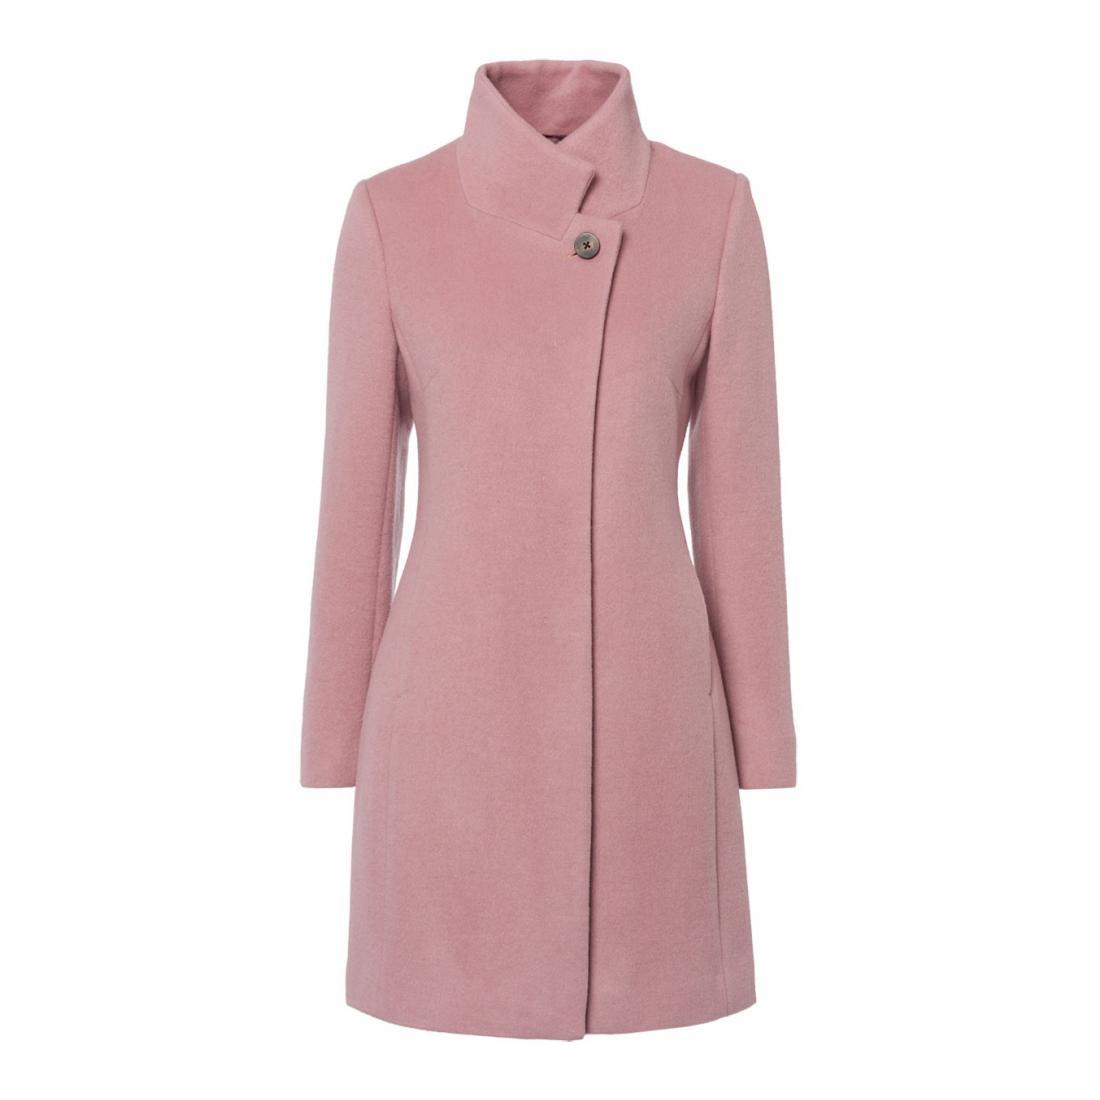 Zero Mantel Damen Woolcoat, Halfbelt